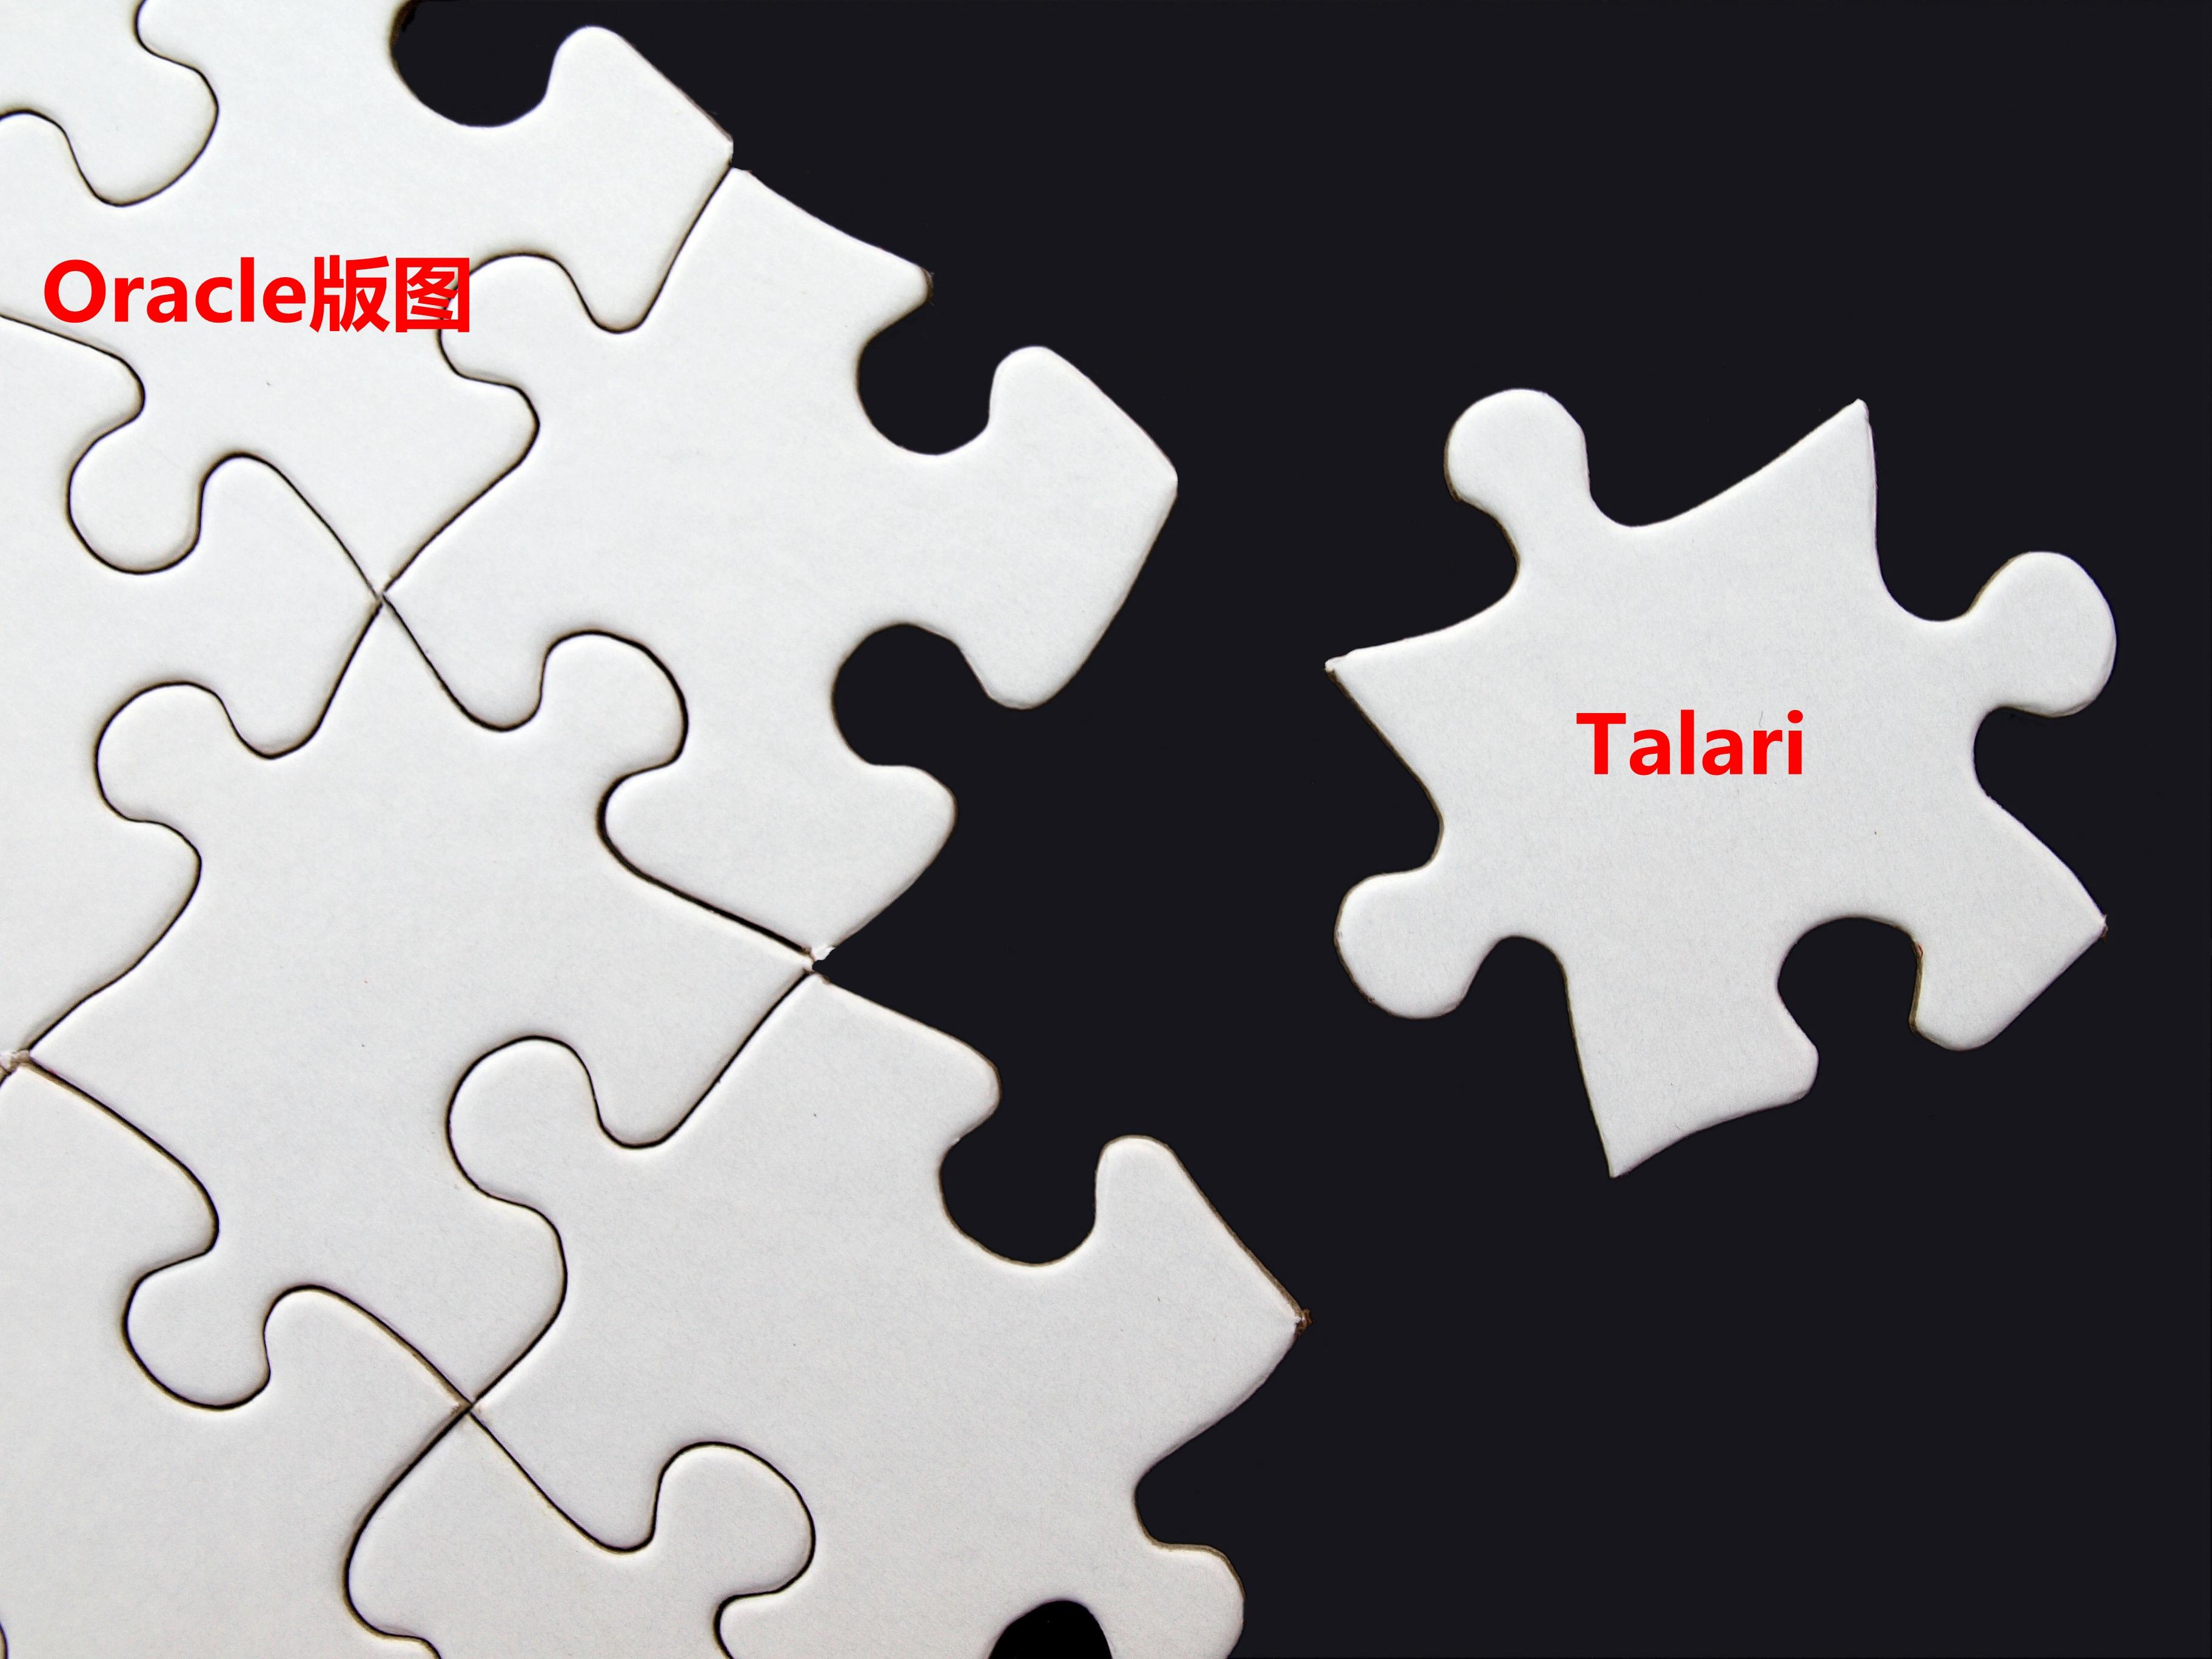 跨界SD-WAN Oracle收购Talari Networks